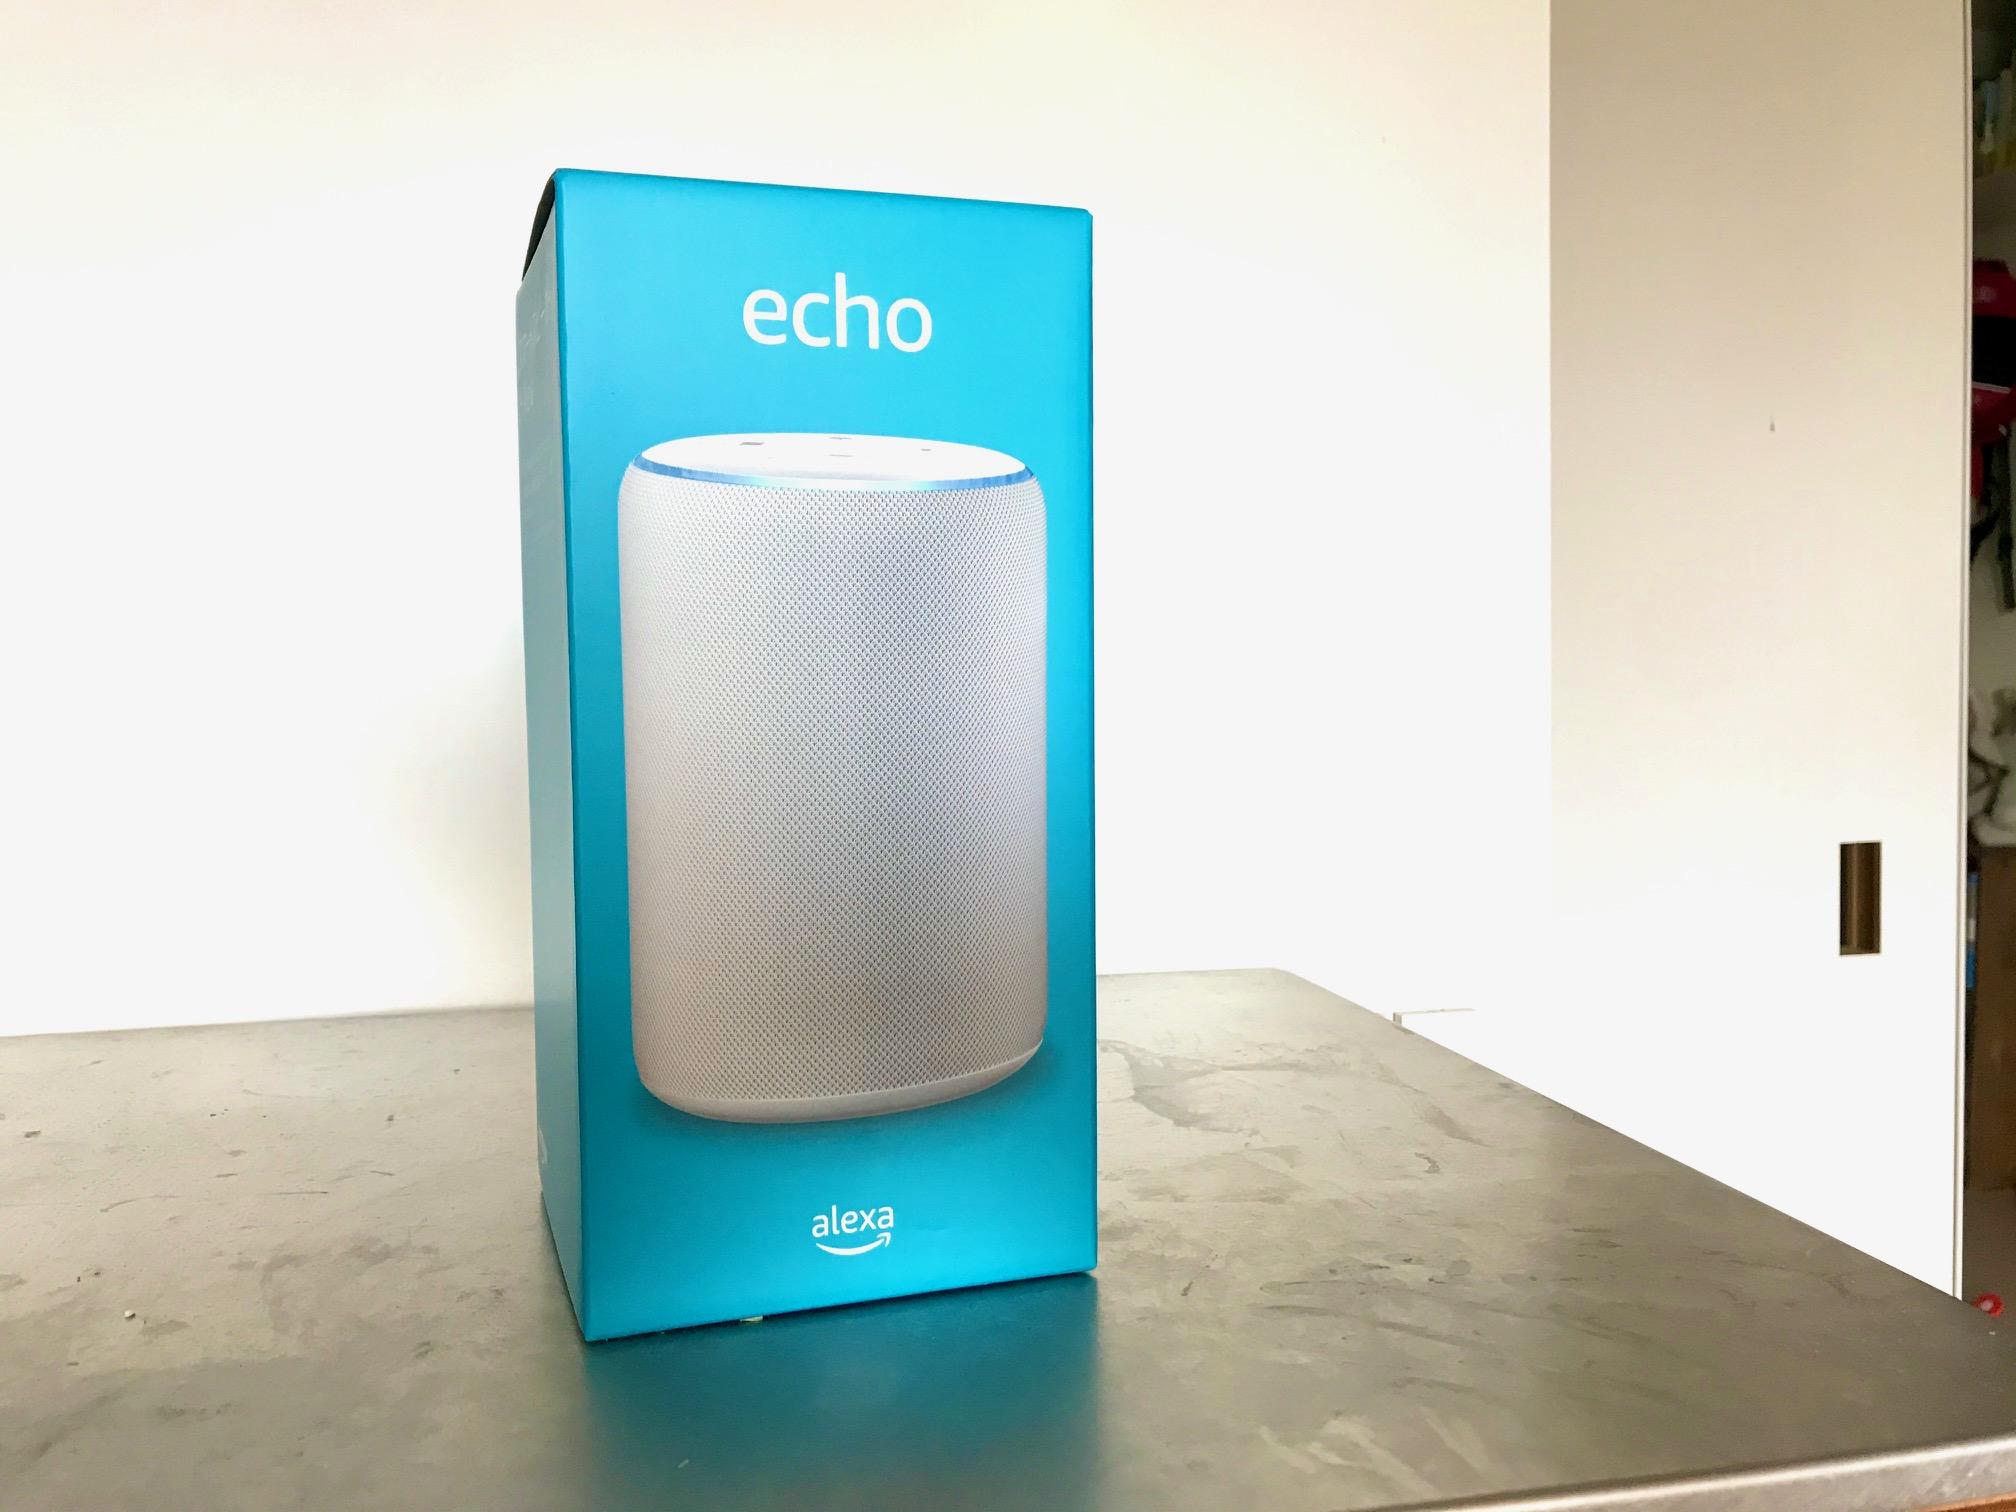 Amazon Eco 外箱